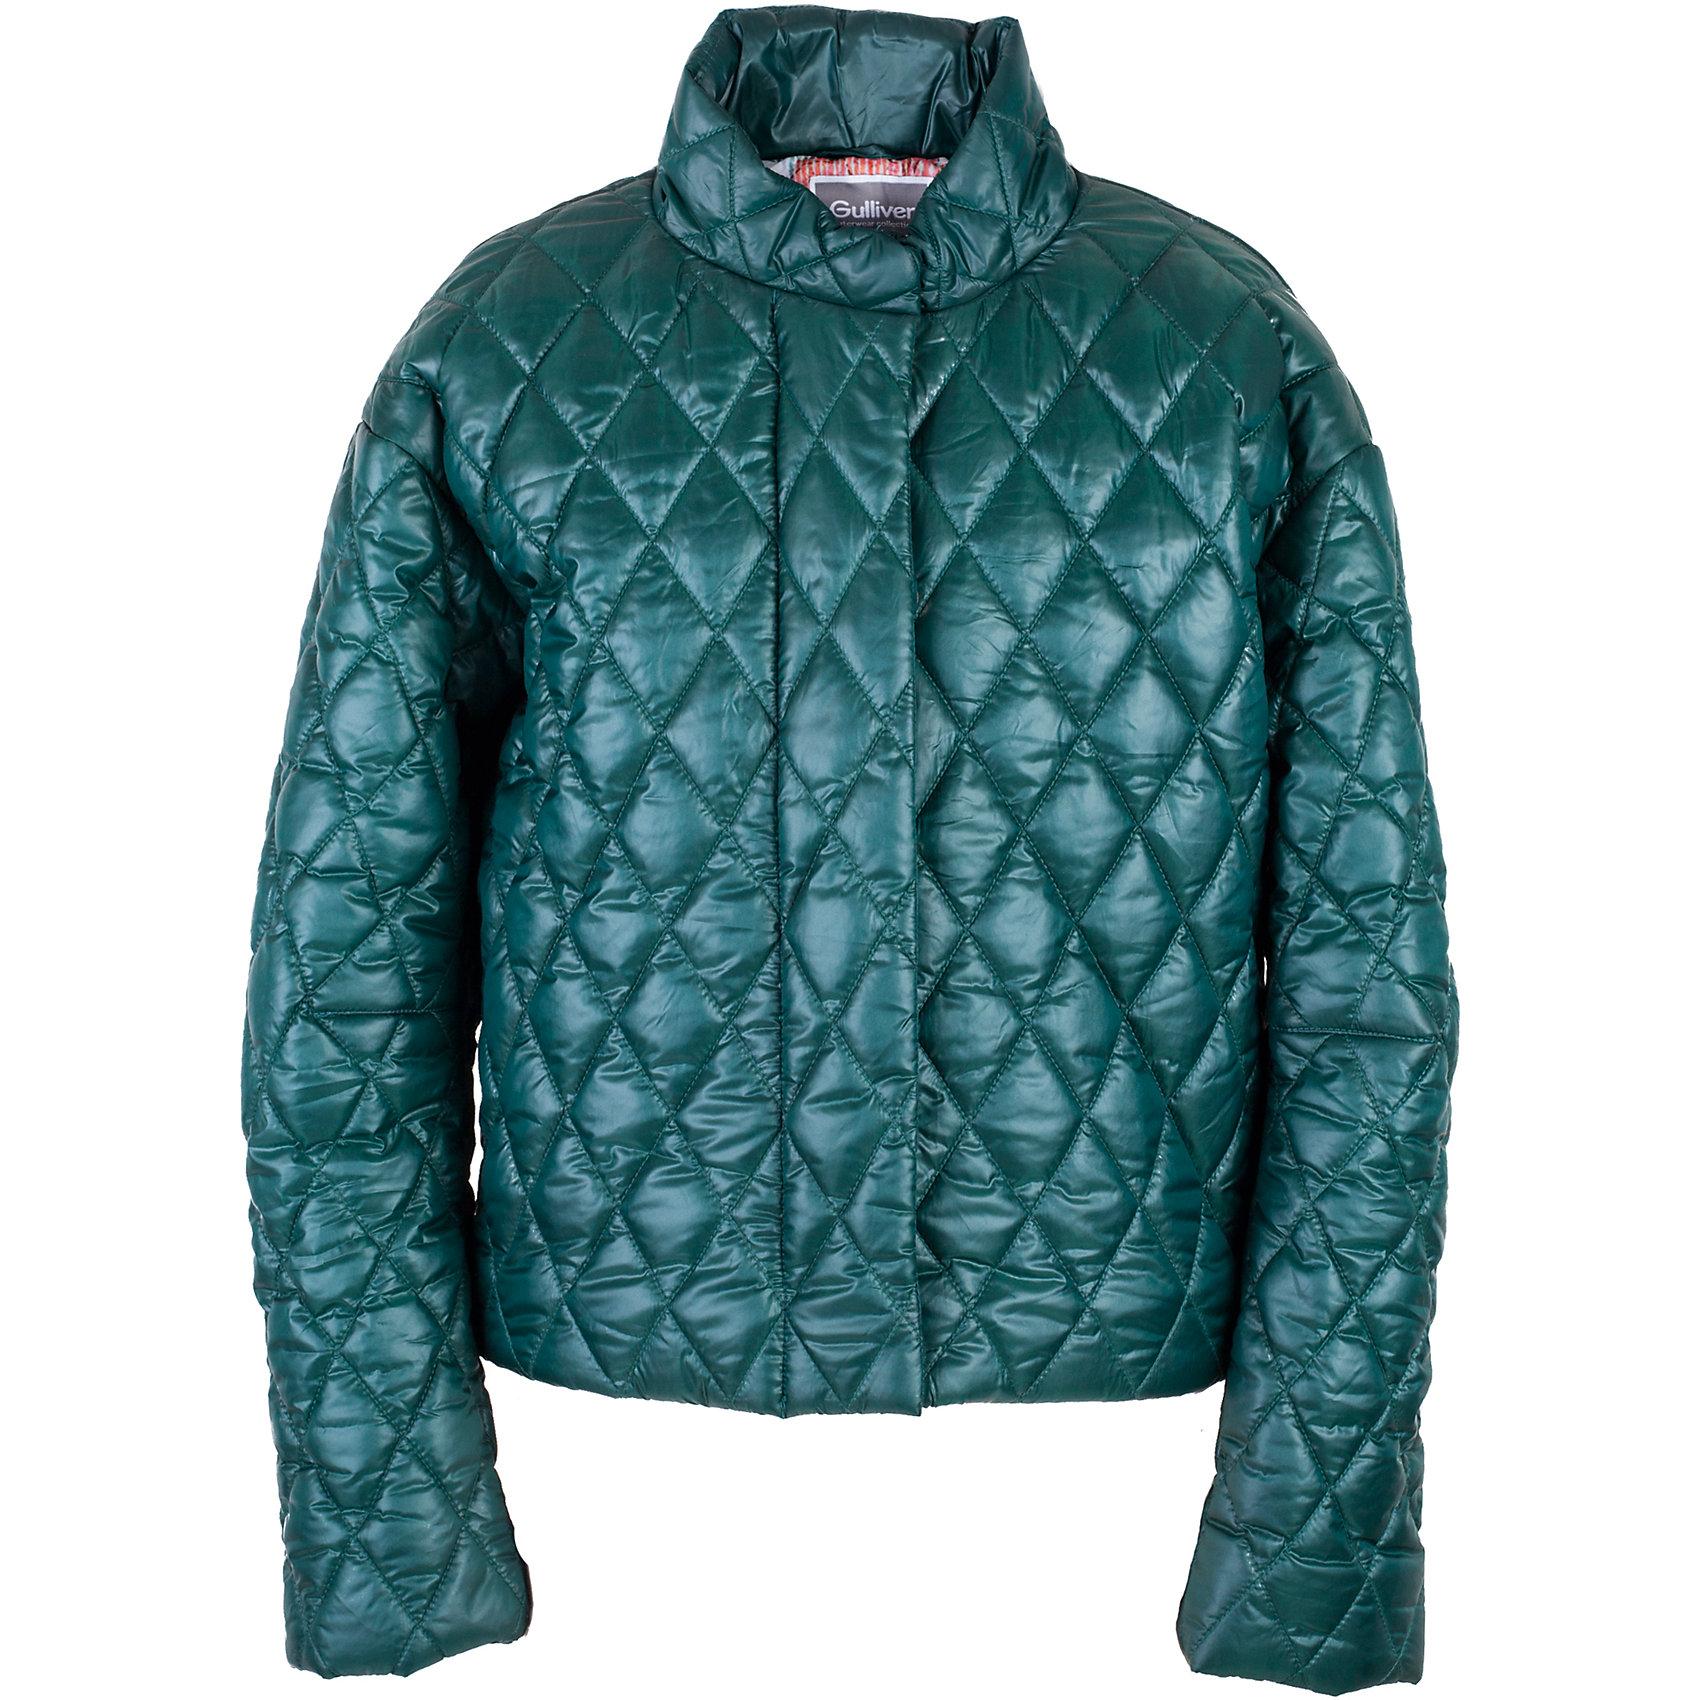 Куртка для девочки GulliverДемисезонные куртки<br>Прошли времена, когда детская куртка выполняла исключительно функциональную роль. Сейчас изделию недостаточно быть только удобным и теплым. Куртка для девочки должна быть стильной, элегантной, привлекательной и отражать в полной мере характер и предпочтения своей обладательницы! Именно такая, стеганая зеленая куртка может понравиться юной моднице. Если вы предпочитаете сформировать весенний гардероб ребенка из современных интересных вещей, вам стоит купить детскую куртку из коллекции Коста-Рика! В этой куртке вашему ребенку гарантирован прекрасный внешний вид, соответствие модным трендам, а также тепло, комфорт и свобода движений.<br>Состав:<br>верх:  60% полиэстер 40% нейлон; подкладка:  100% полиэстер; утеплитель:  100% полиэстер<br><br>Ширина мм: 356<br>Глубина мм: 10<br>Высота мм: 245<br>Вес г: 519<br>Цвет: зеленый<br>Возраст от месяцев: 156<br>Возраст до месяцев: 168<br>Пол: Женский<br>Возраст: Детский<br>Размер: 164,146,152,158<br>SKU: 5483135